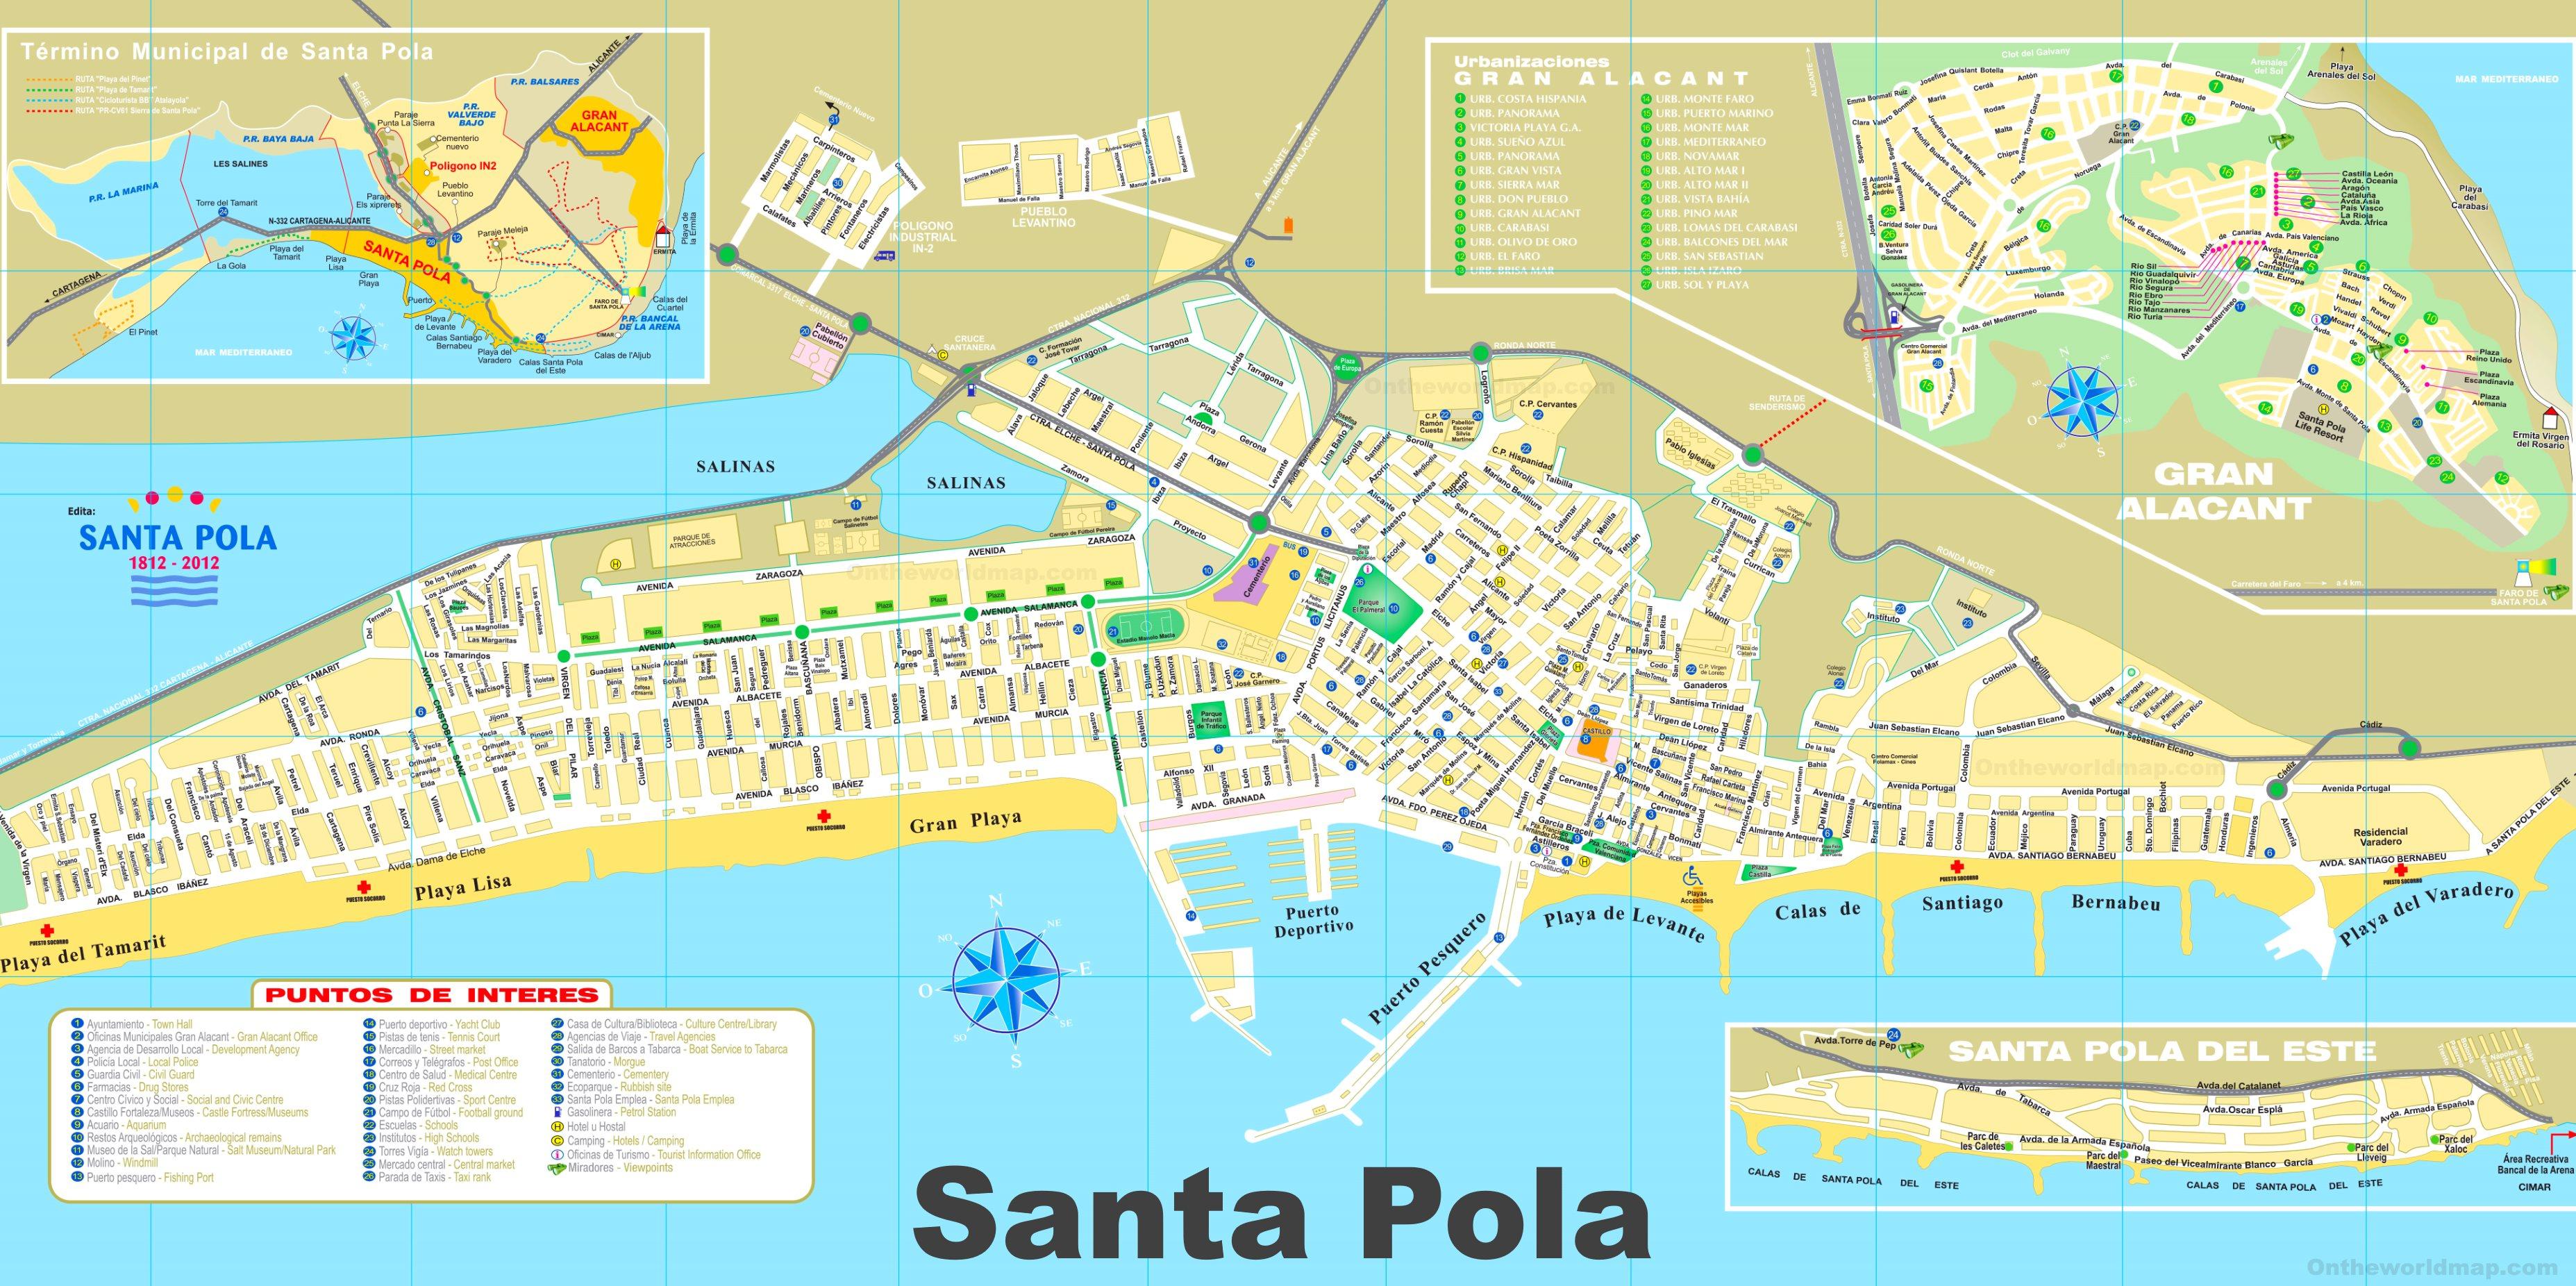 Mapa De Santa Pola.Santa Pola Mapa Turistico